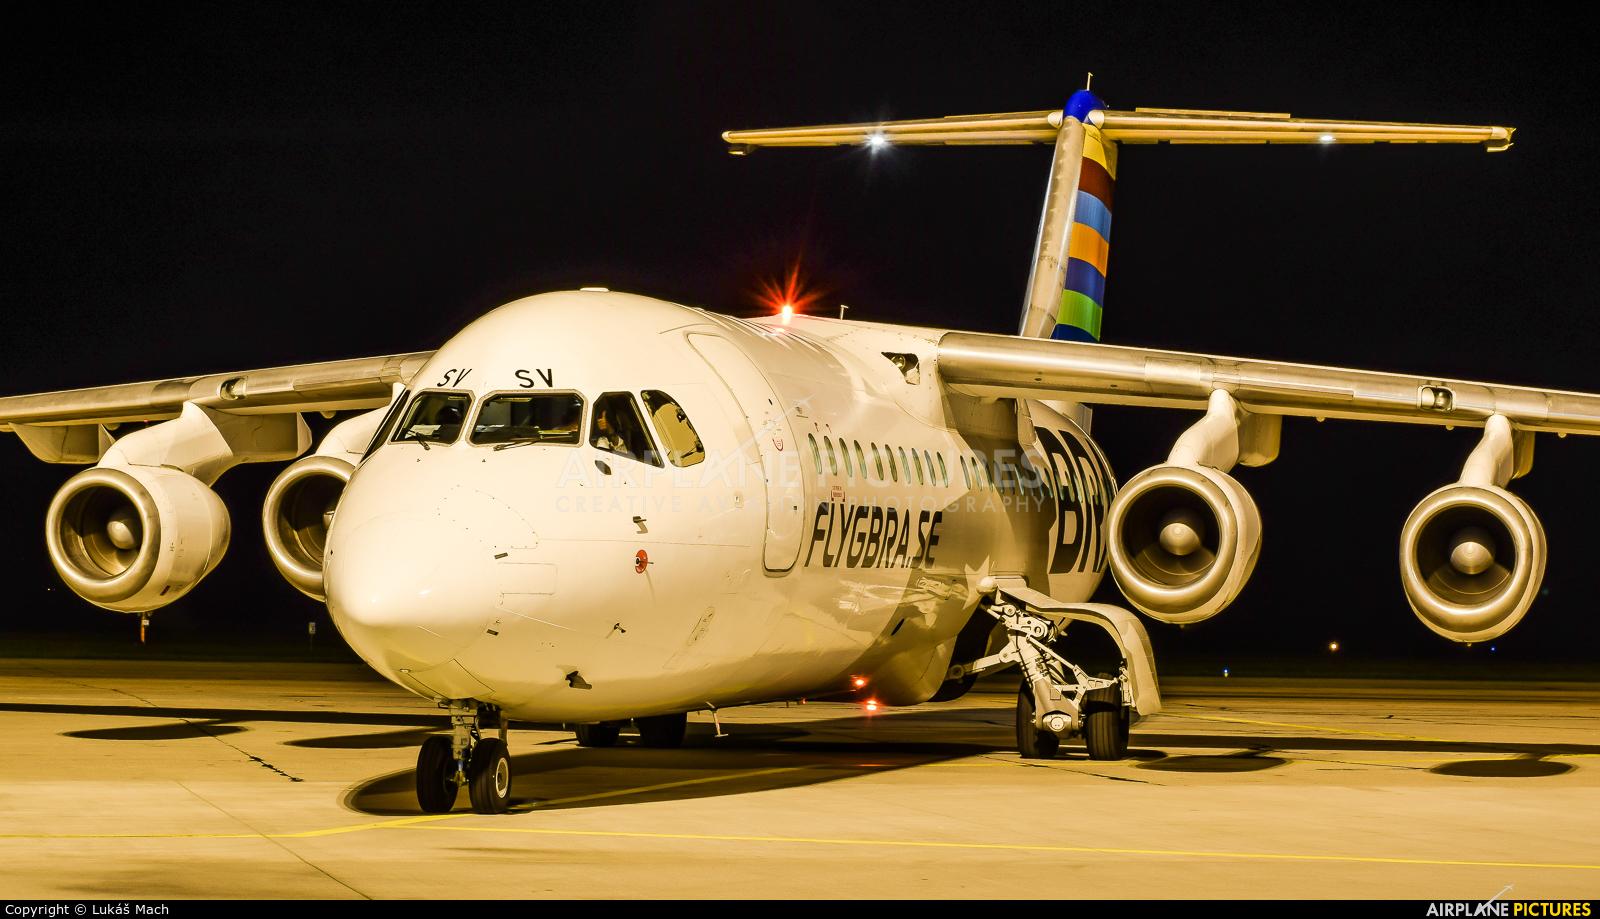 BRA (Sweden) SE-DSV aircraft at Pardubice